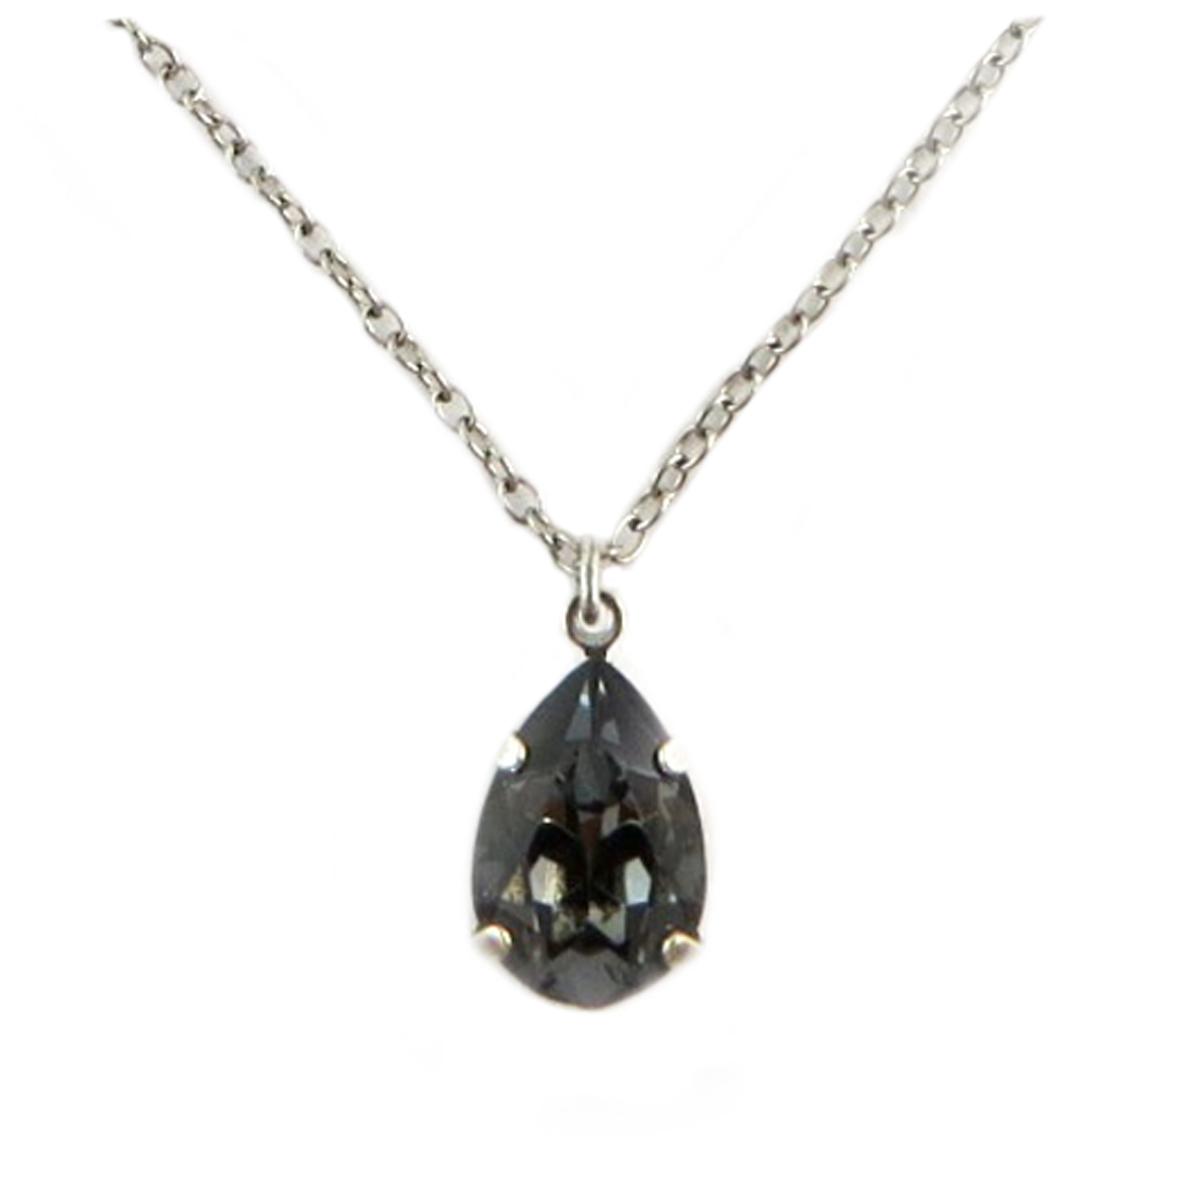 Collier artisanal \'Tsarine\' gris foncé argenté - 15x10 mm - [Q2327]